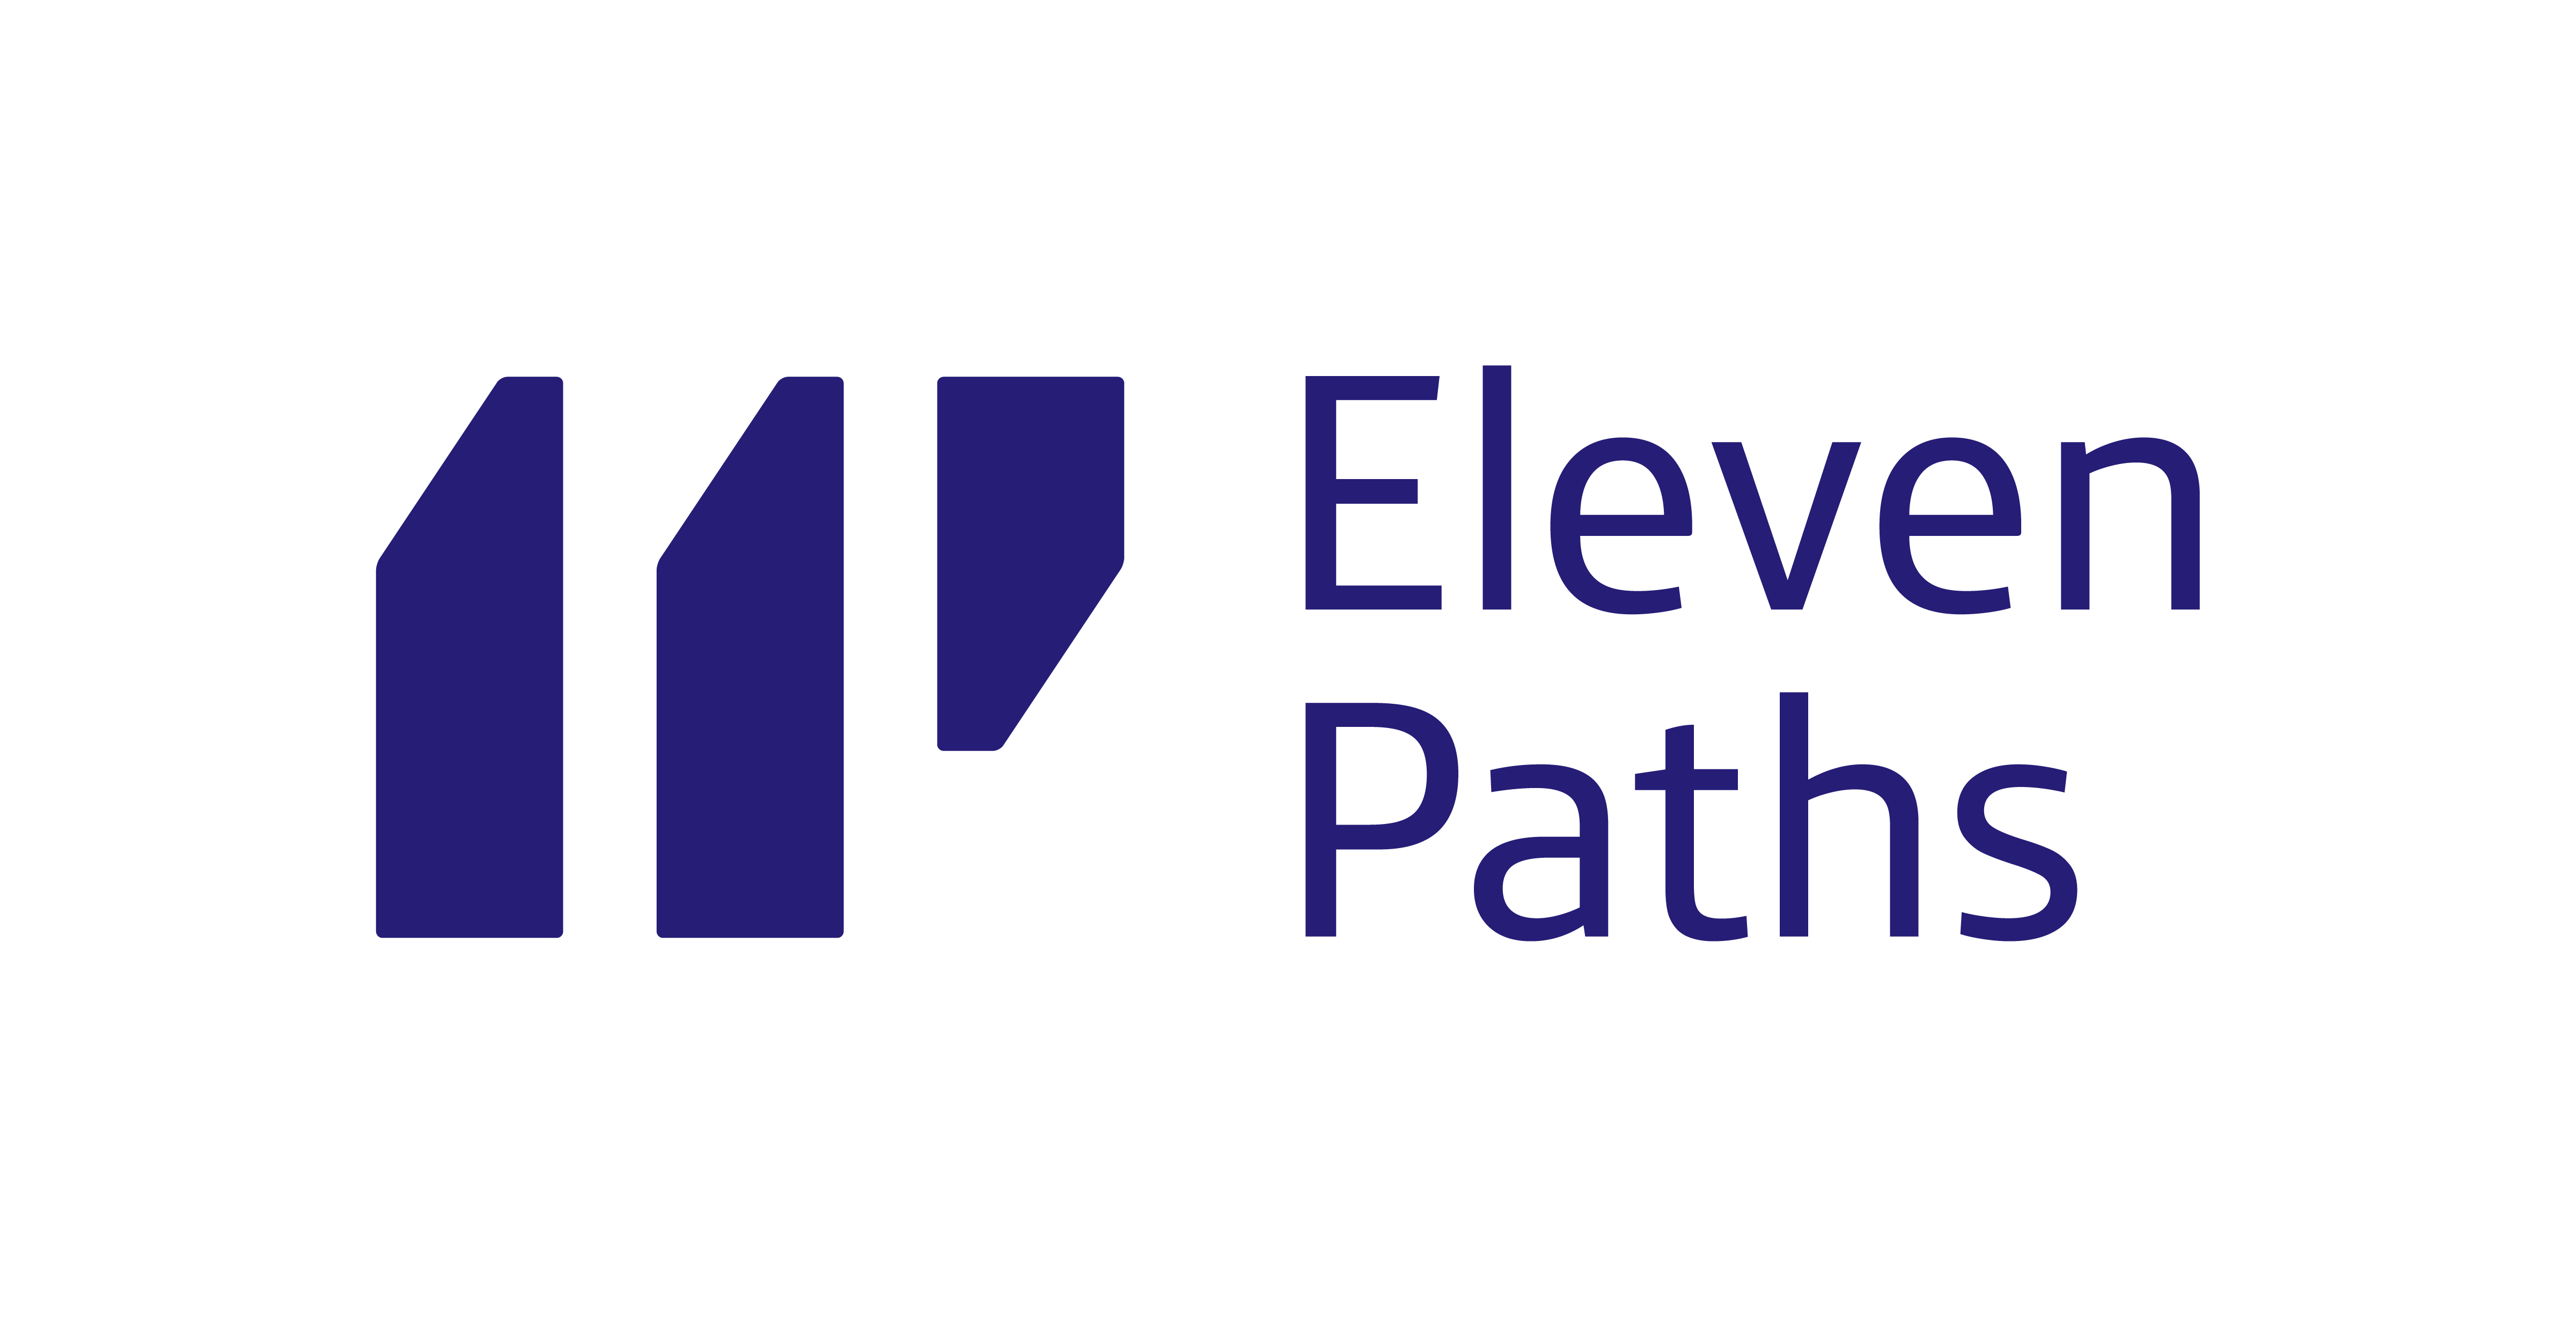 Área de Innovación y Laboratorio de ElevenPaths